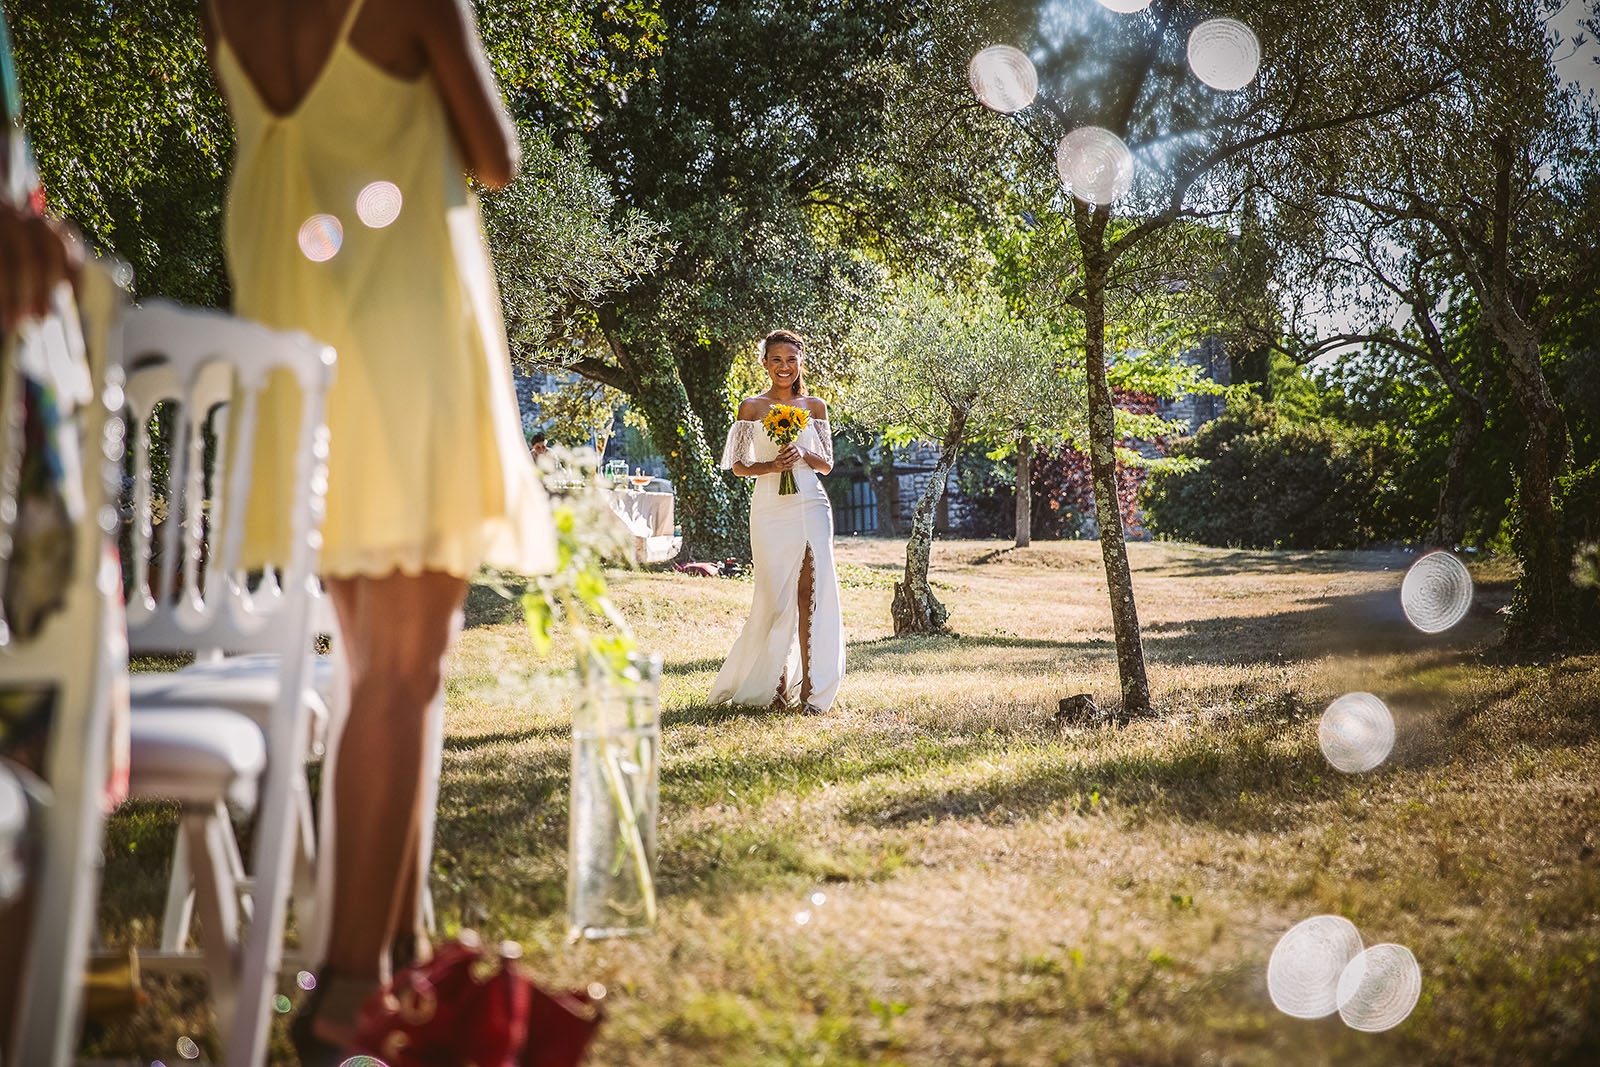 Mariage Mas de La Rouquette. David Pommier photographe de mariage. Arrivée de la mariée à la cérémonie laïque